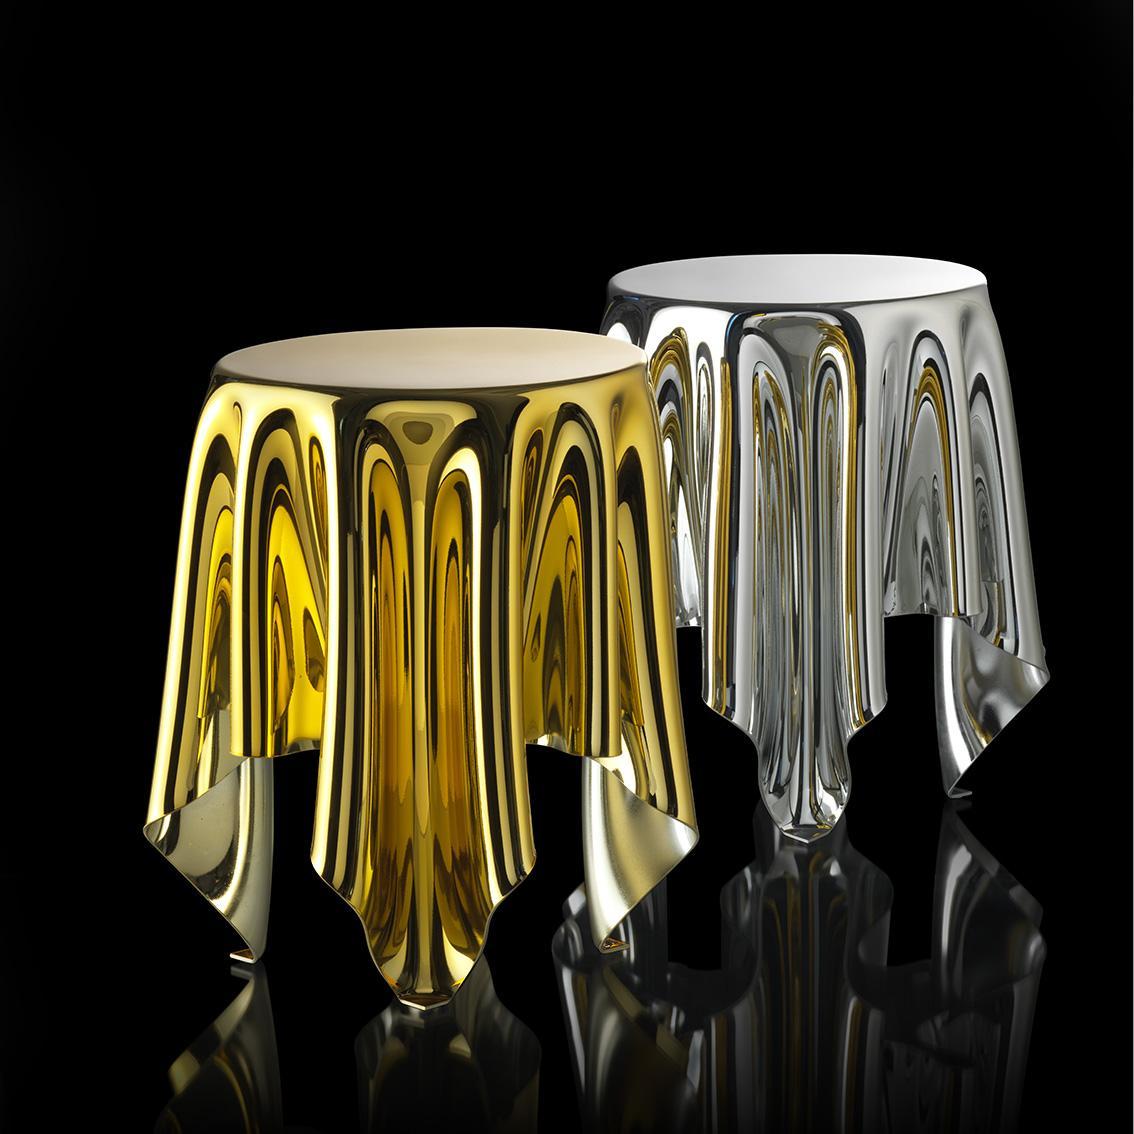 essey ILLUSION EdEdition Tisch, silber und gold